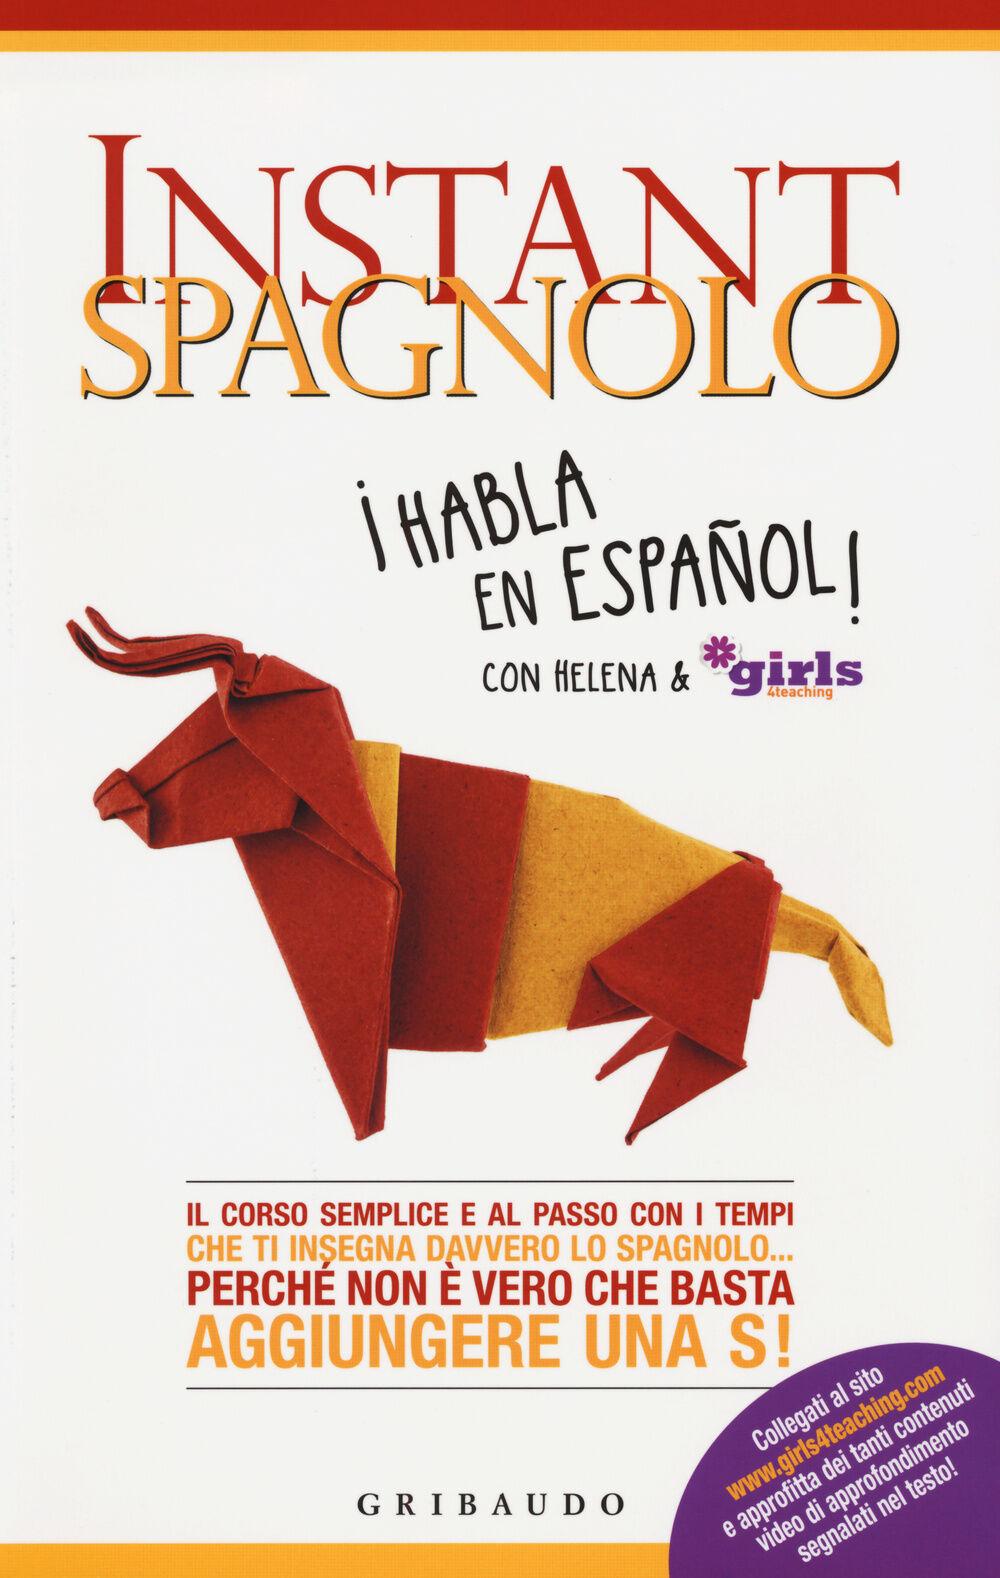 Instant spagnolo. Il corso semplice e al passo con i tempi che ti insegna davvero lo spagnolo... Perché non è vero che basta aggiungere una S!